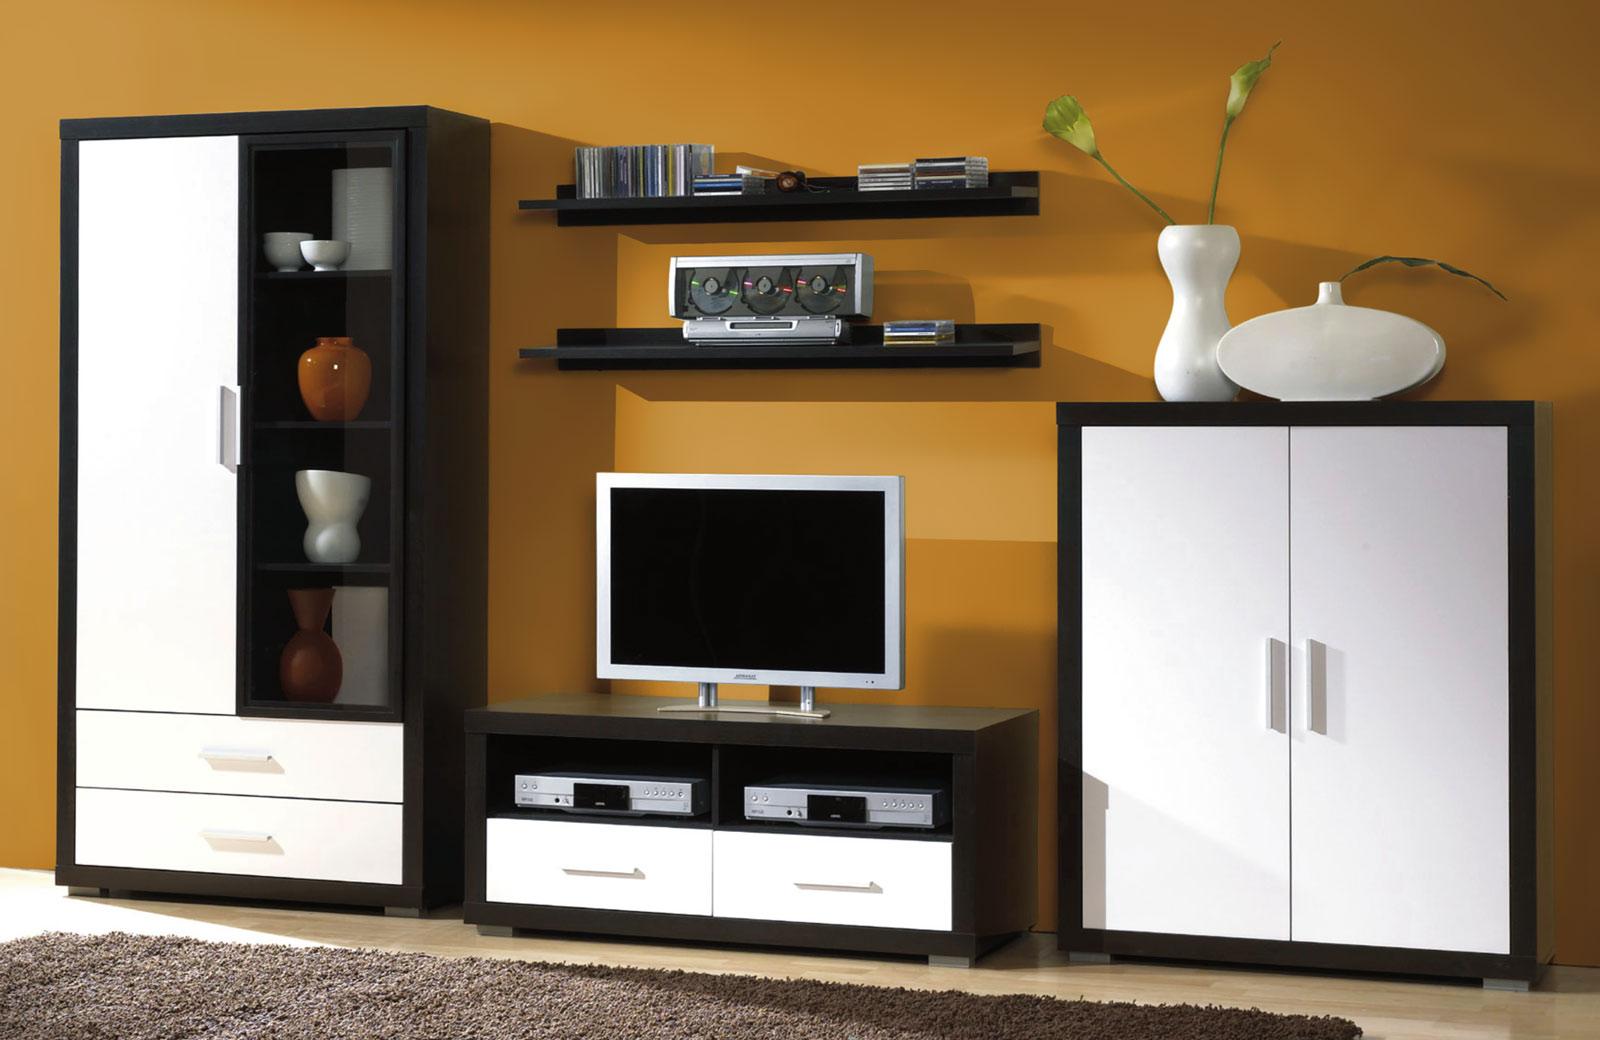 wohnwand anbauwand wohnzimmer schrankwand falcon hochglanz. Black Bedroom Furniture Sets. Home Design Ideas